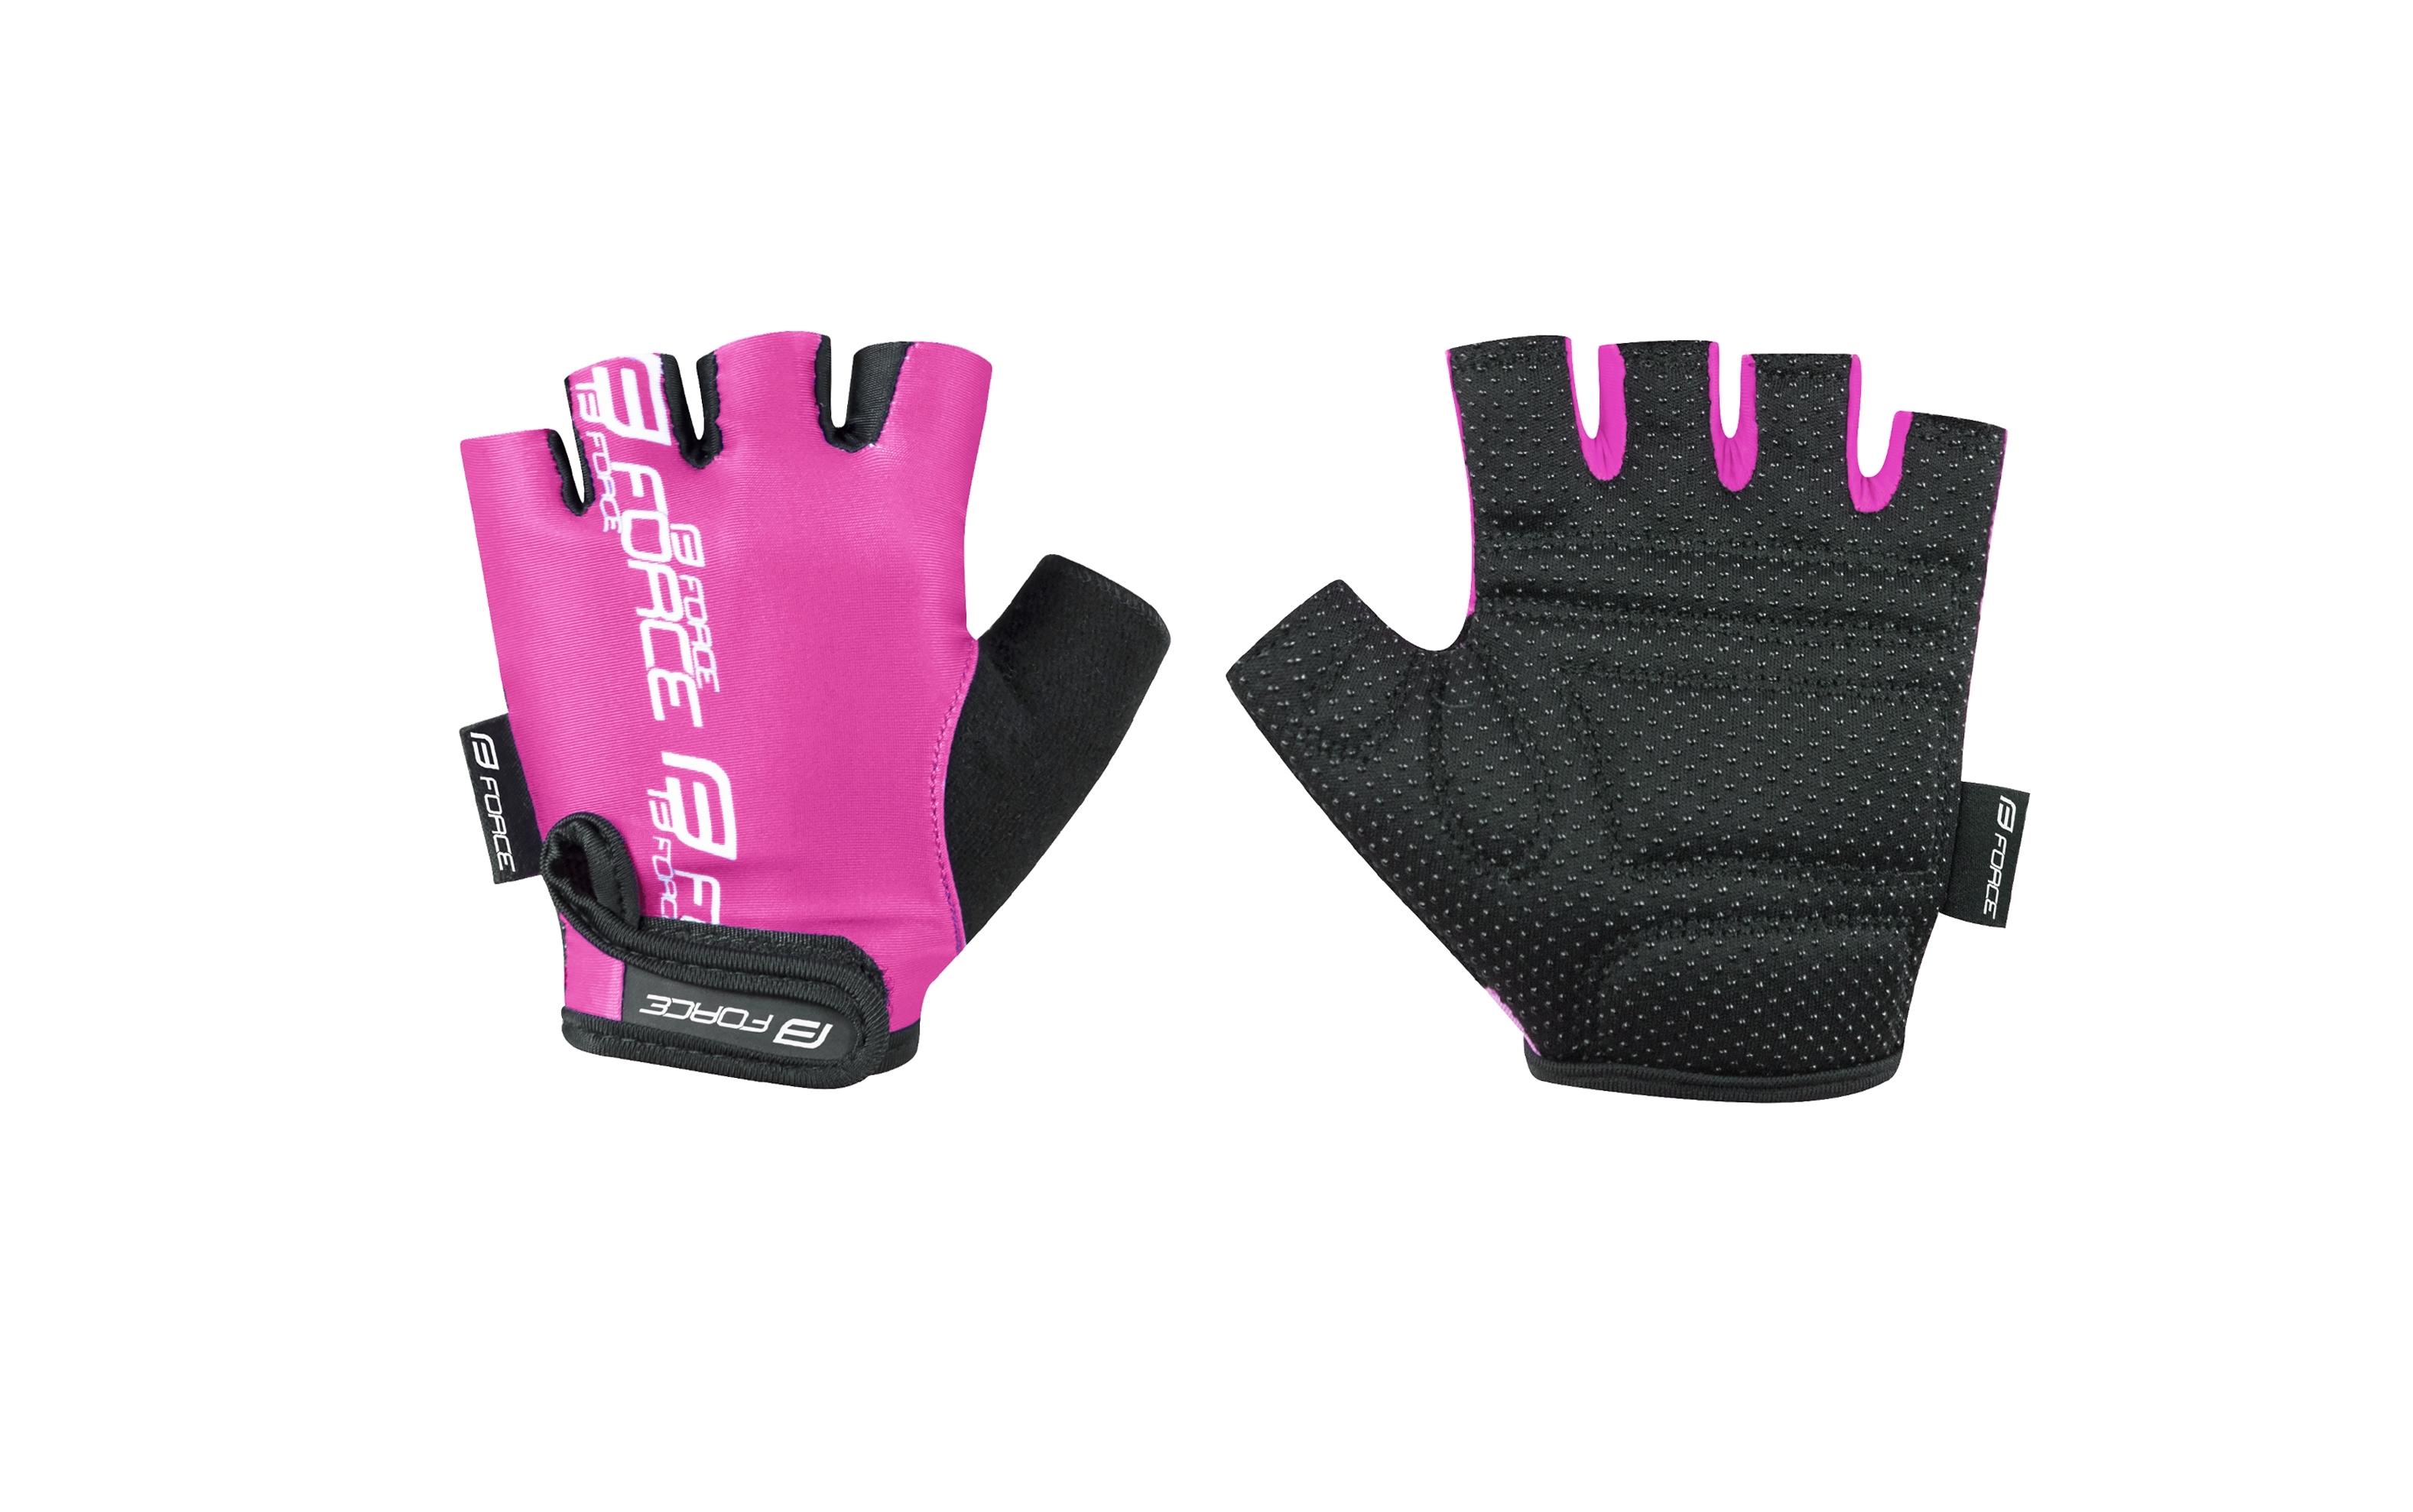 rukavice FORCE KID dětské, růžové L